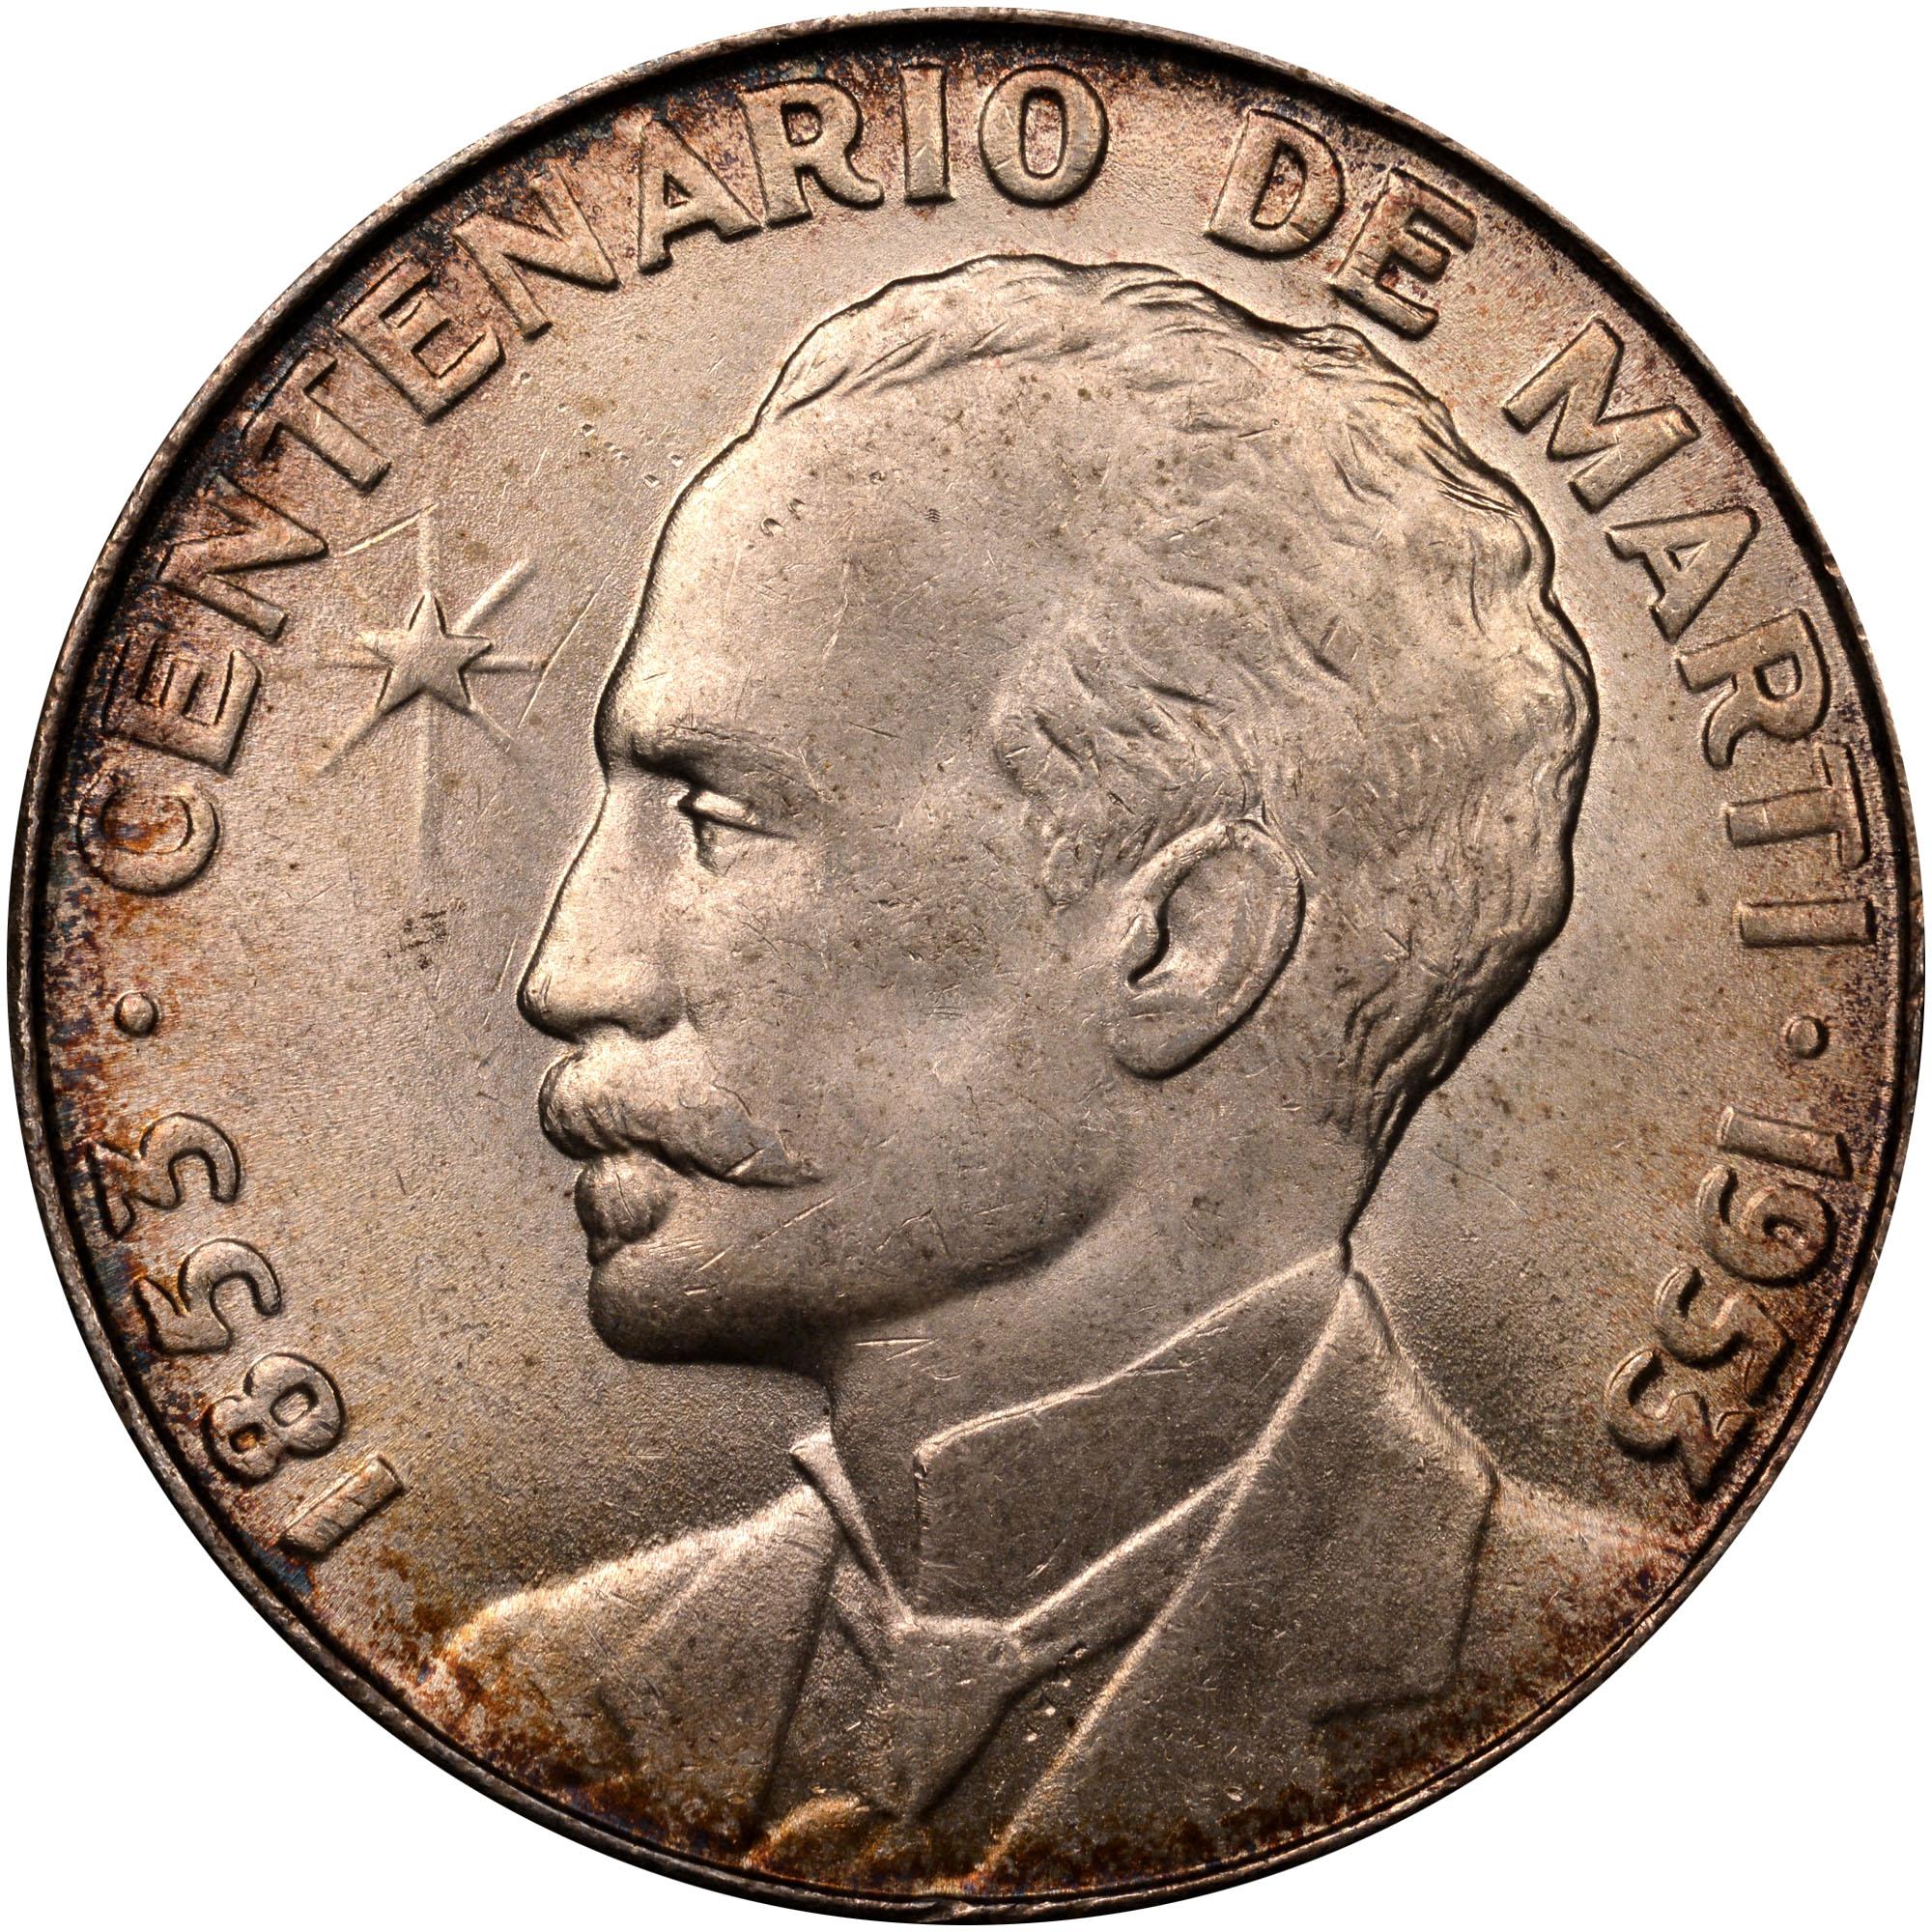 (1953) Cuba Peso reverse